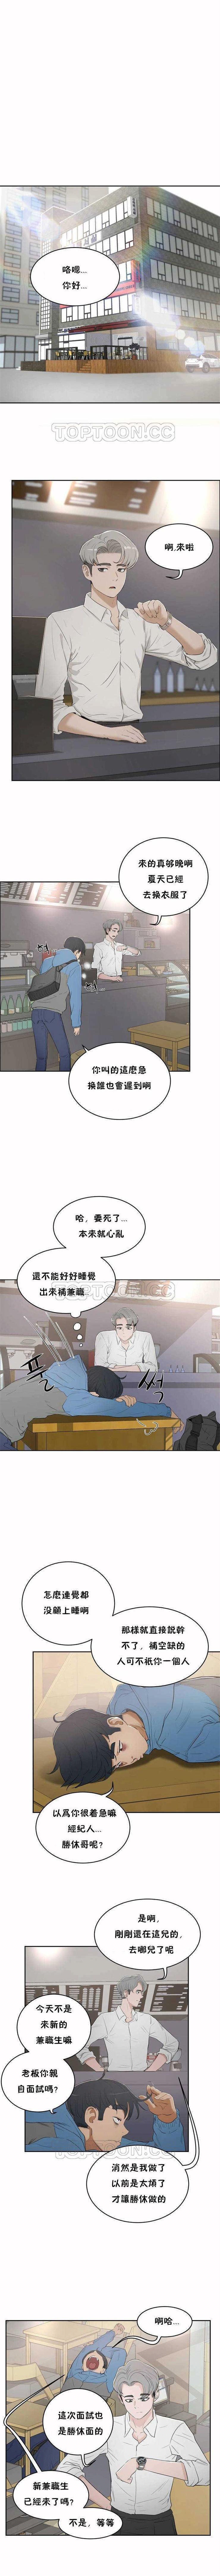 性教育 1-48.5 中文翻译(完結) 29